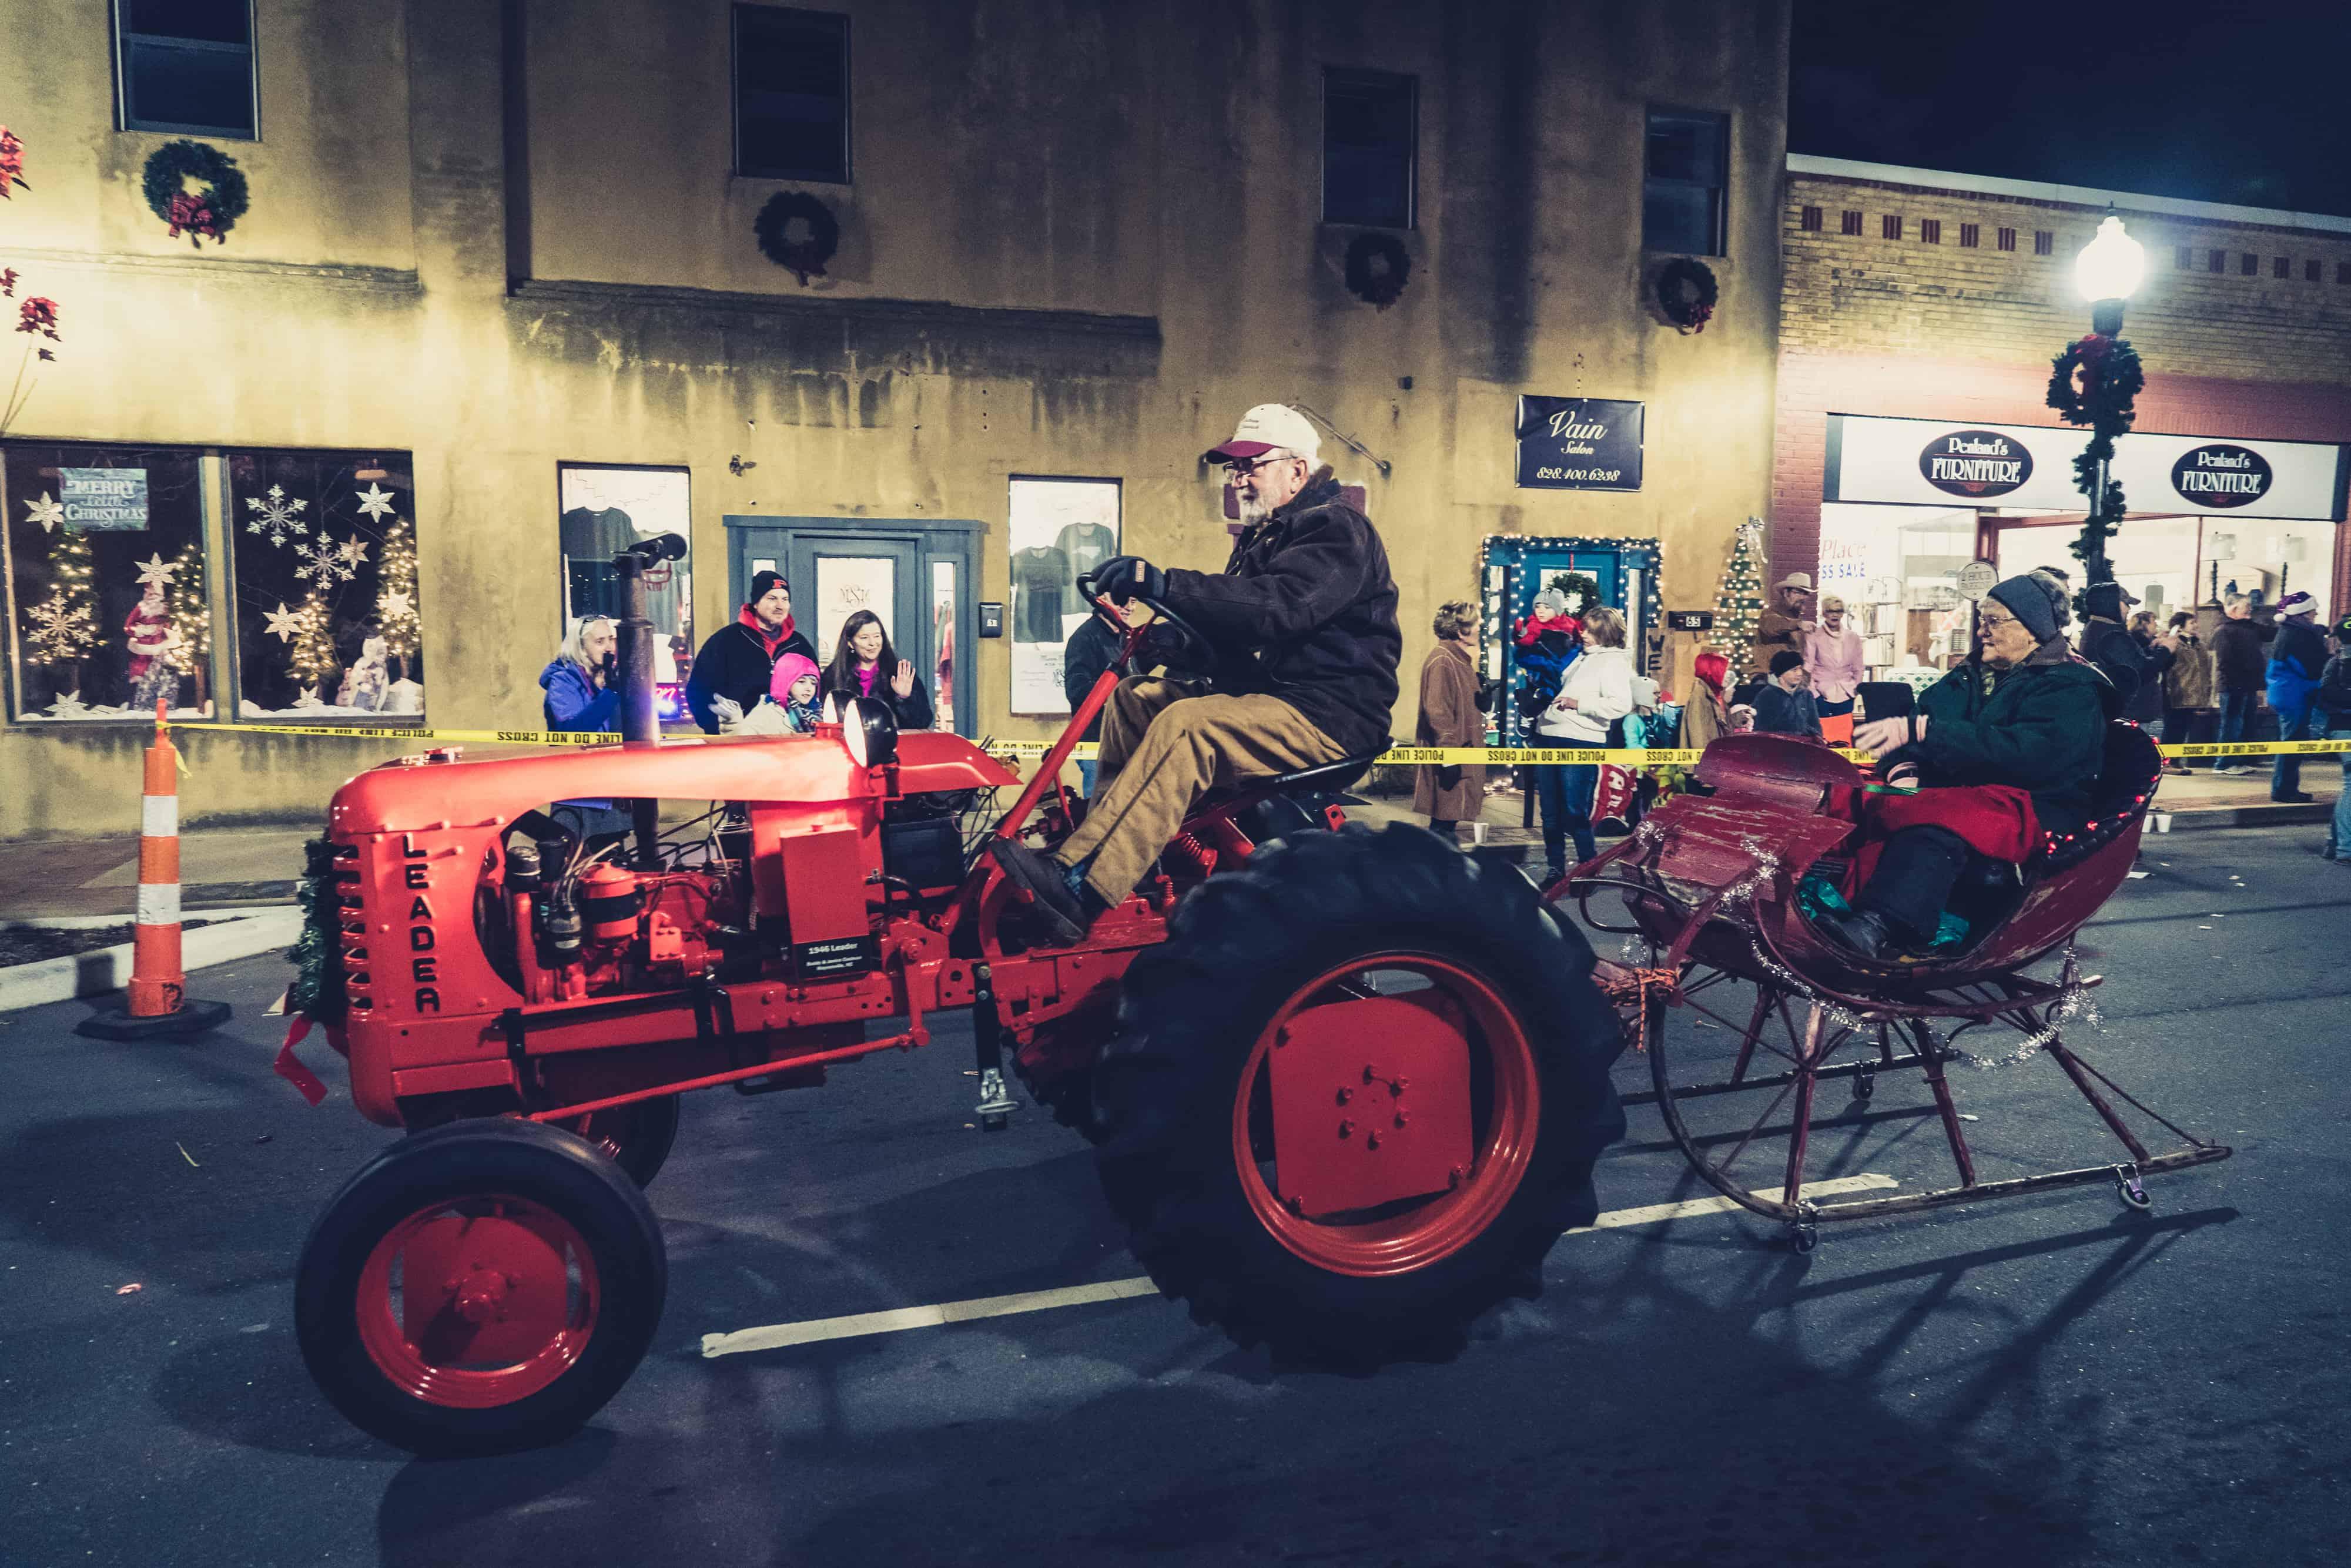 Santas tractor